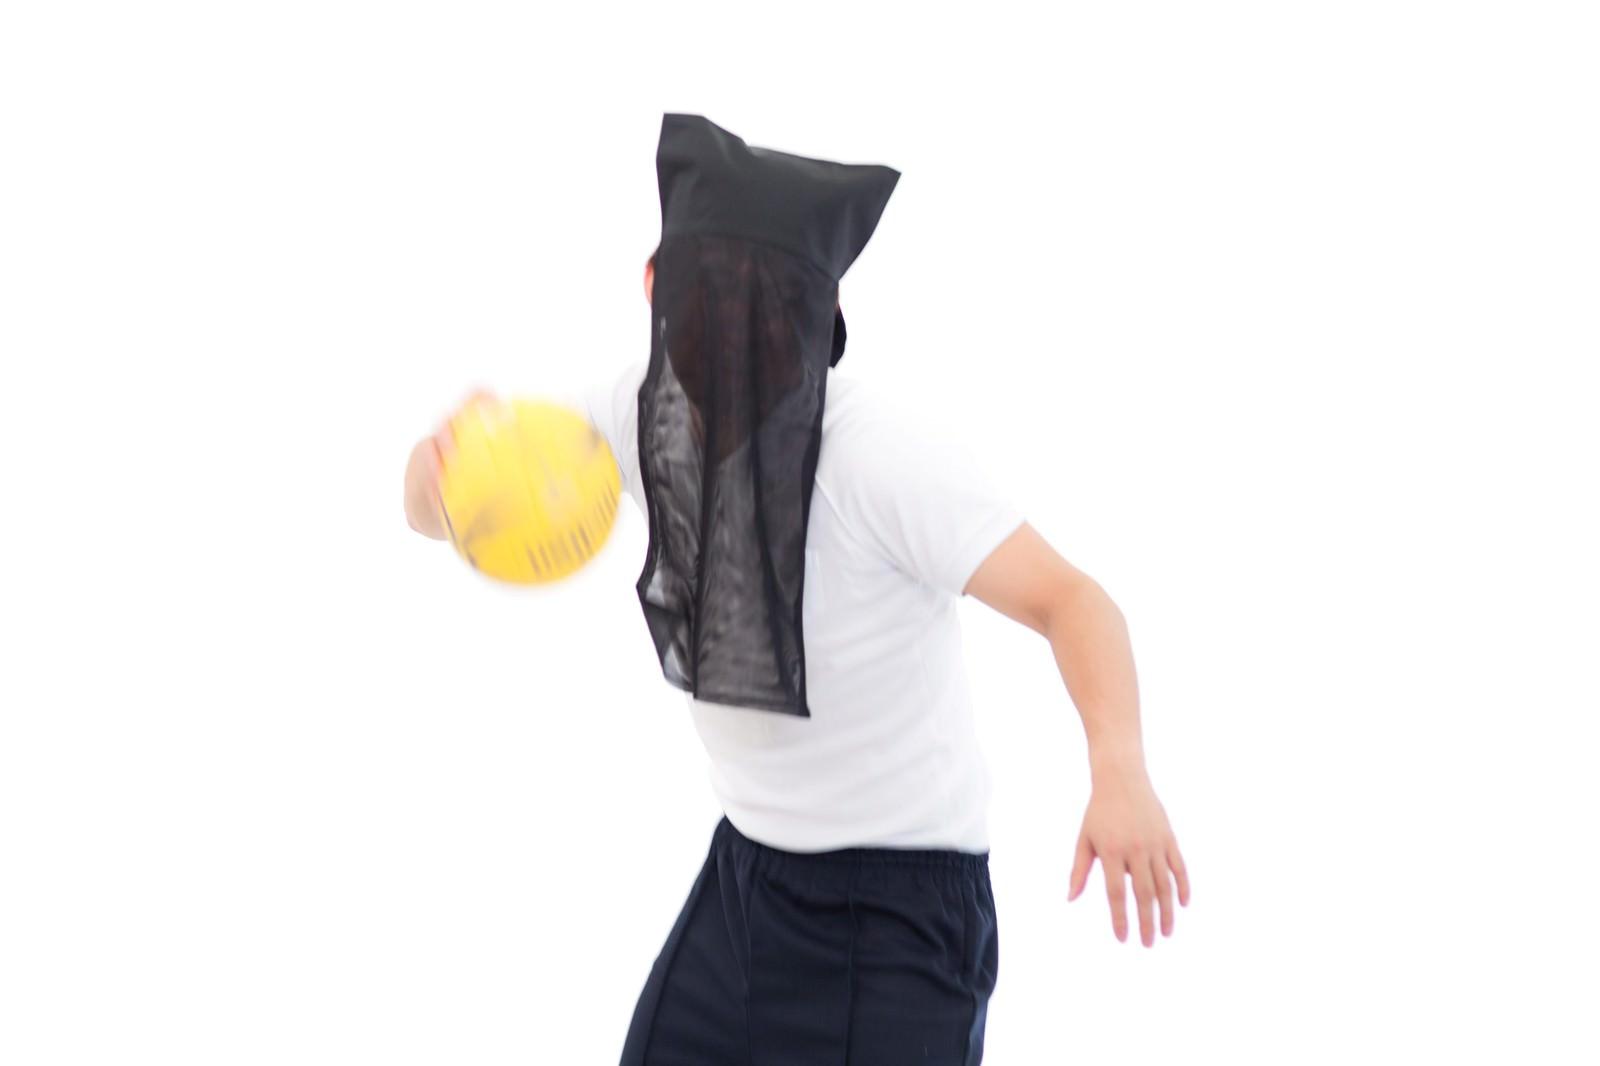 「ゴールが見えないハンドボール部エース」の写真[モデル:鈴木秀]